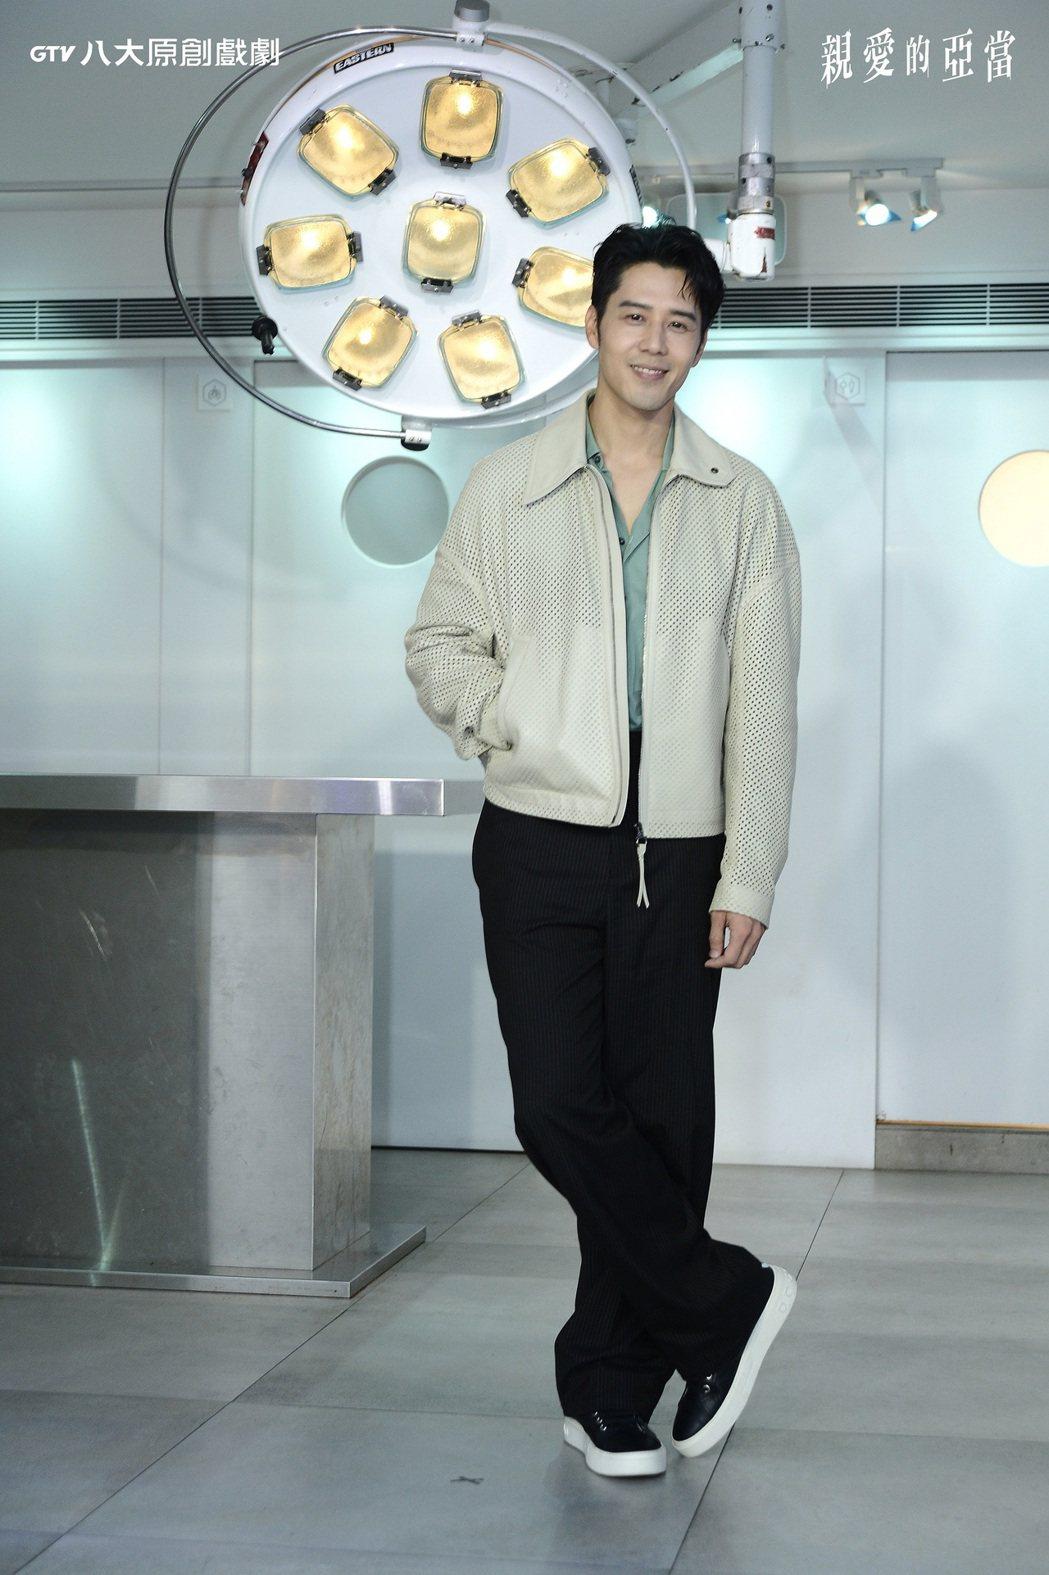 胡宇威主演「親愛的亞當」,希望能克服對「深潛」的恐懼。。圖/八大電視提供